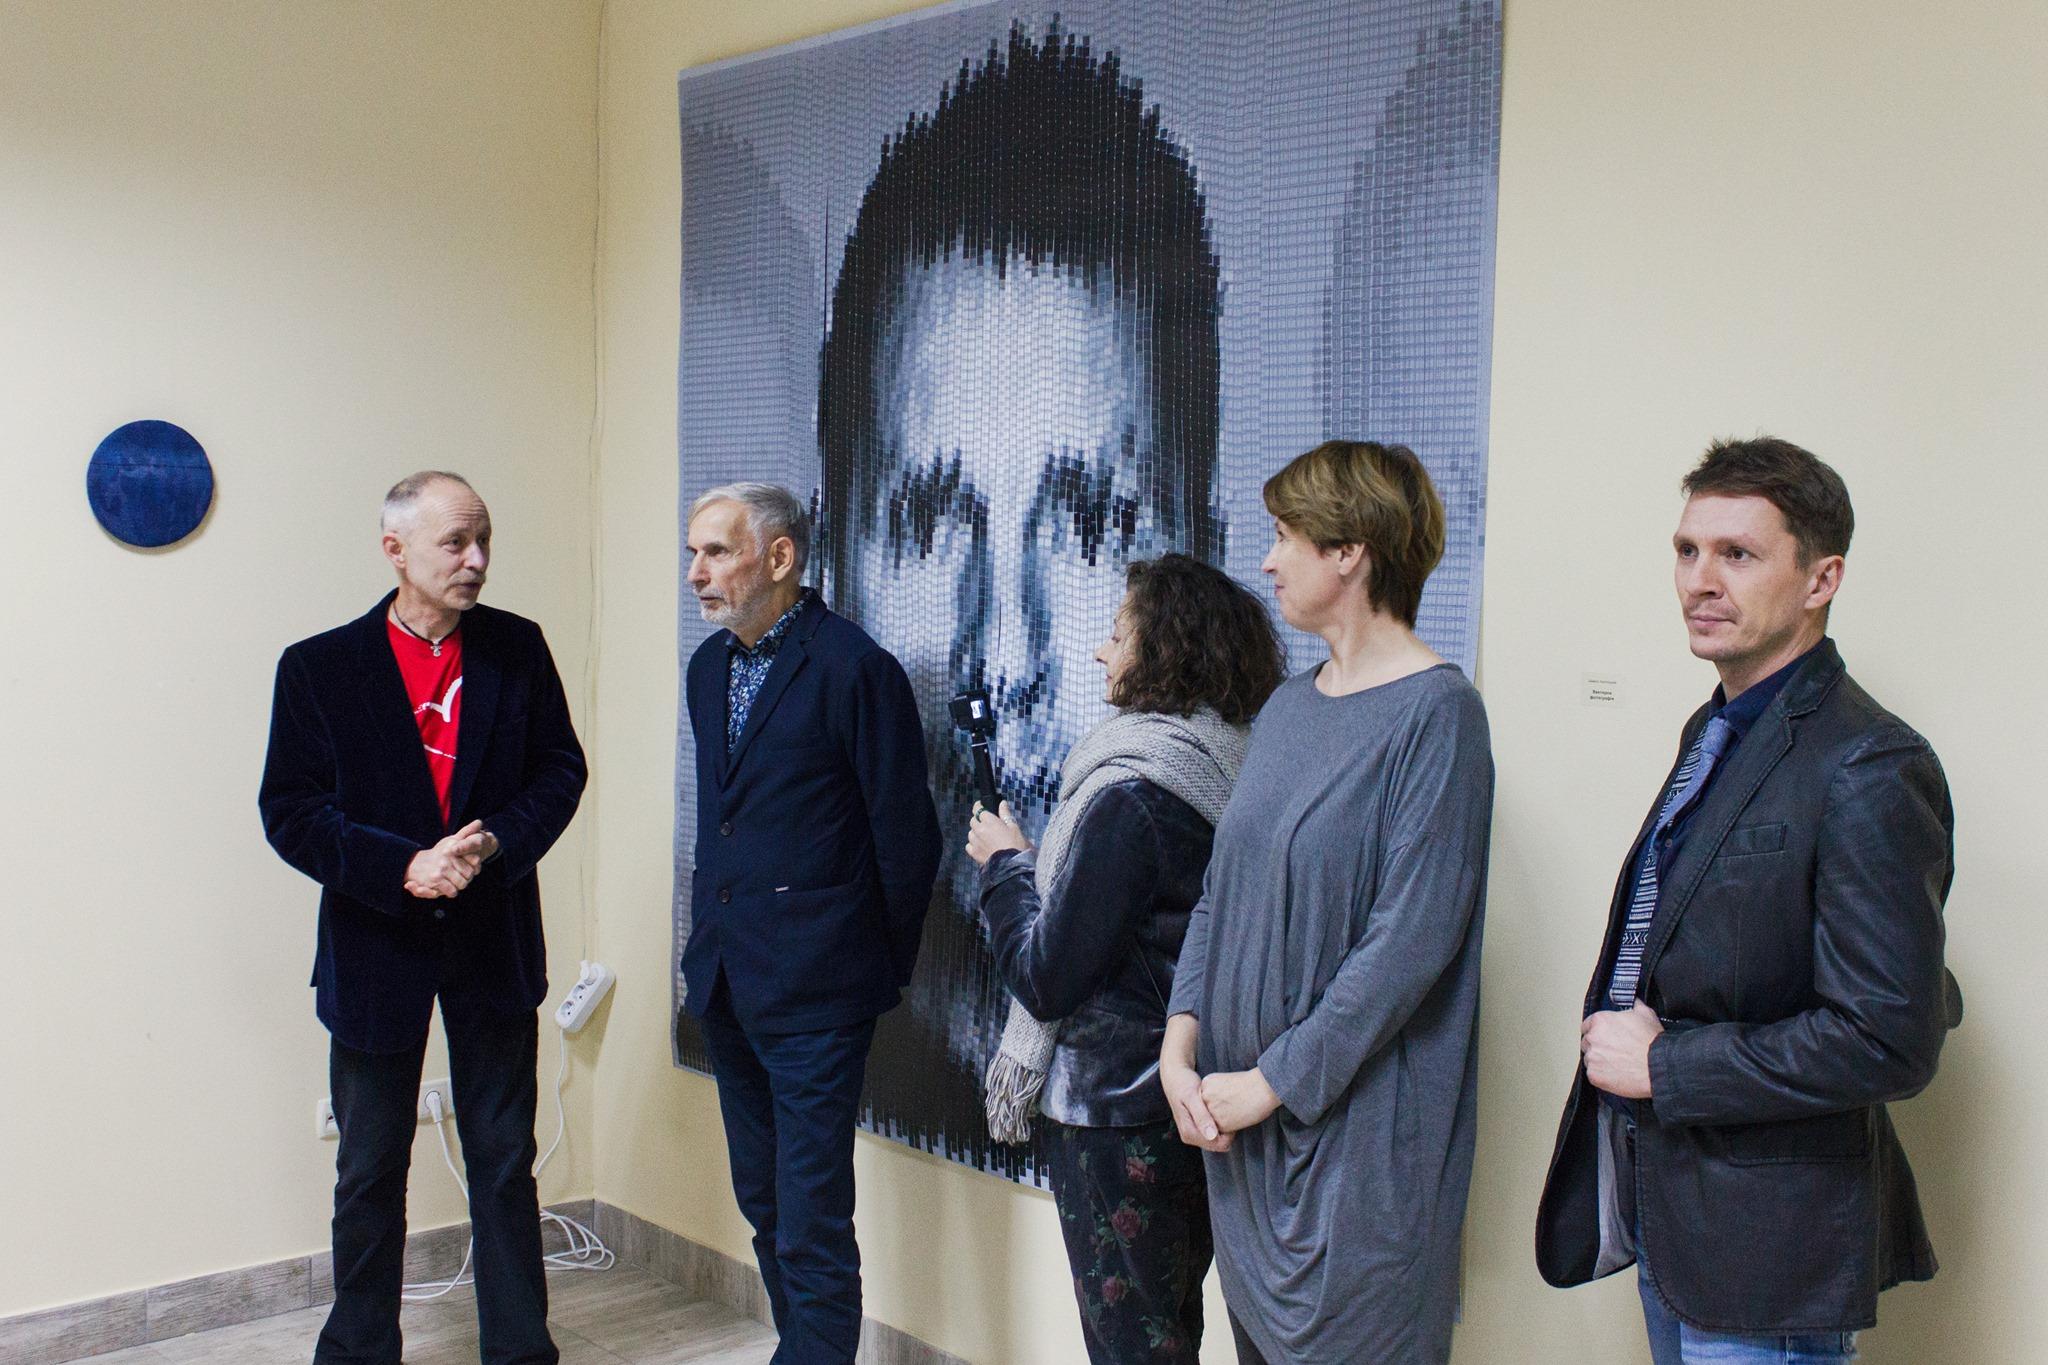 Цифрове мистецтво: у франківському ЦСМ відкрили виставку з Польщі 12